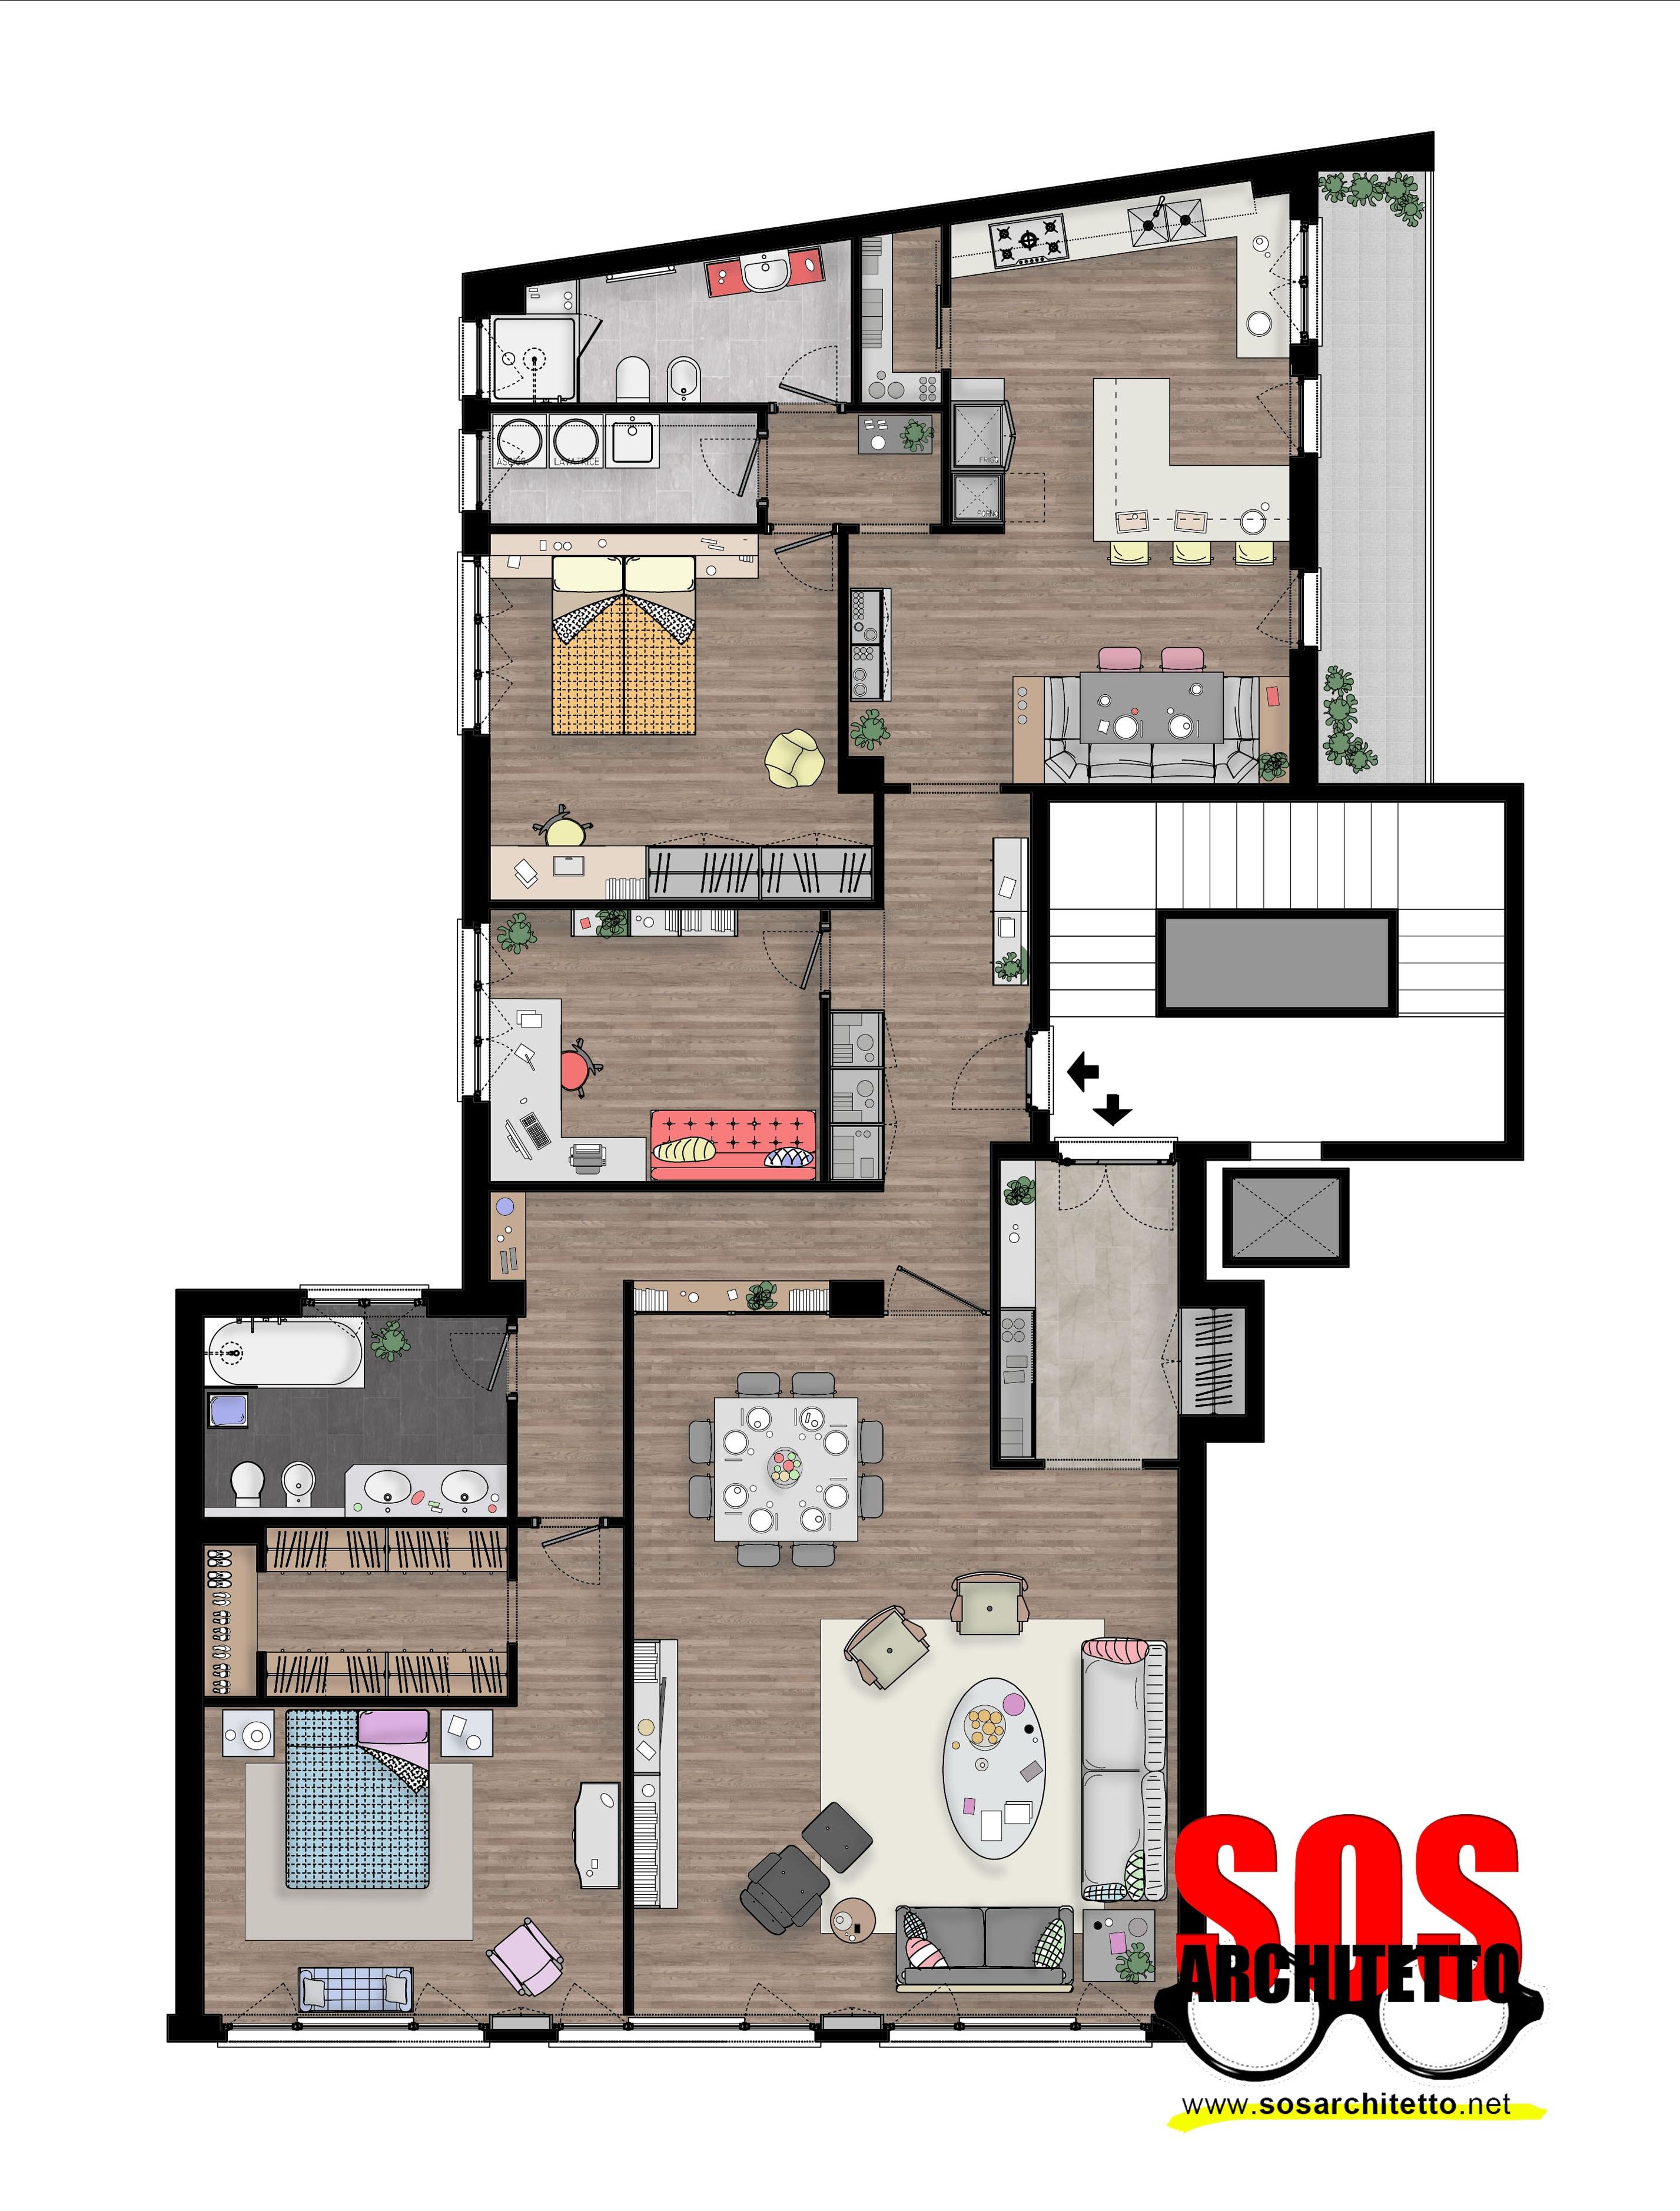 Arredamento casa progetto 019 sos architetto andrea for Progetto arredamento online